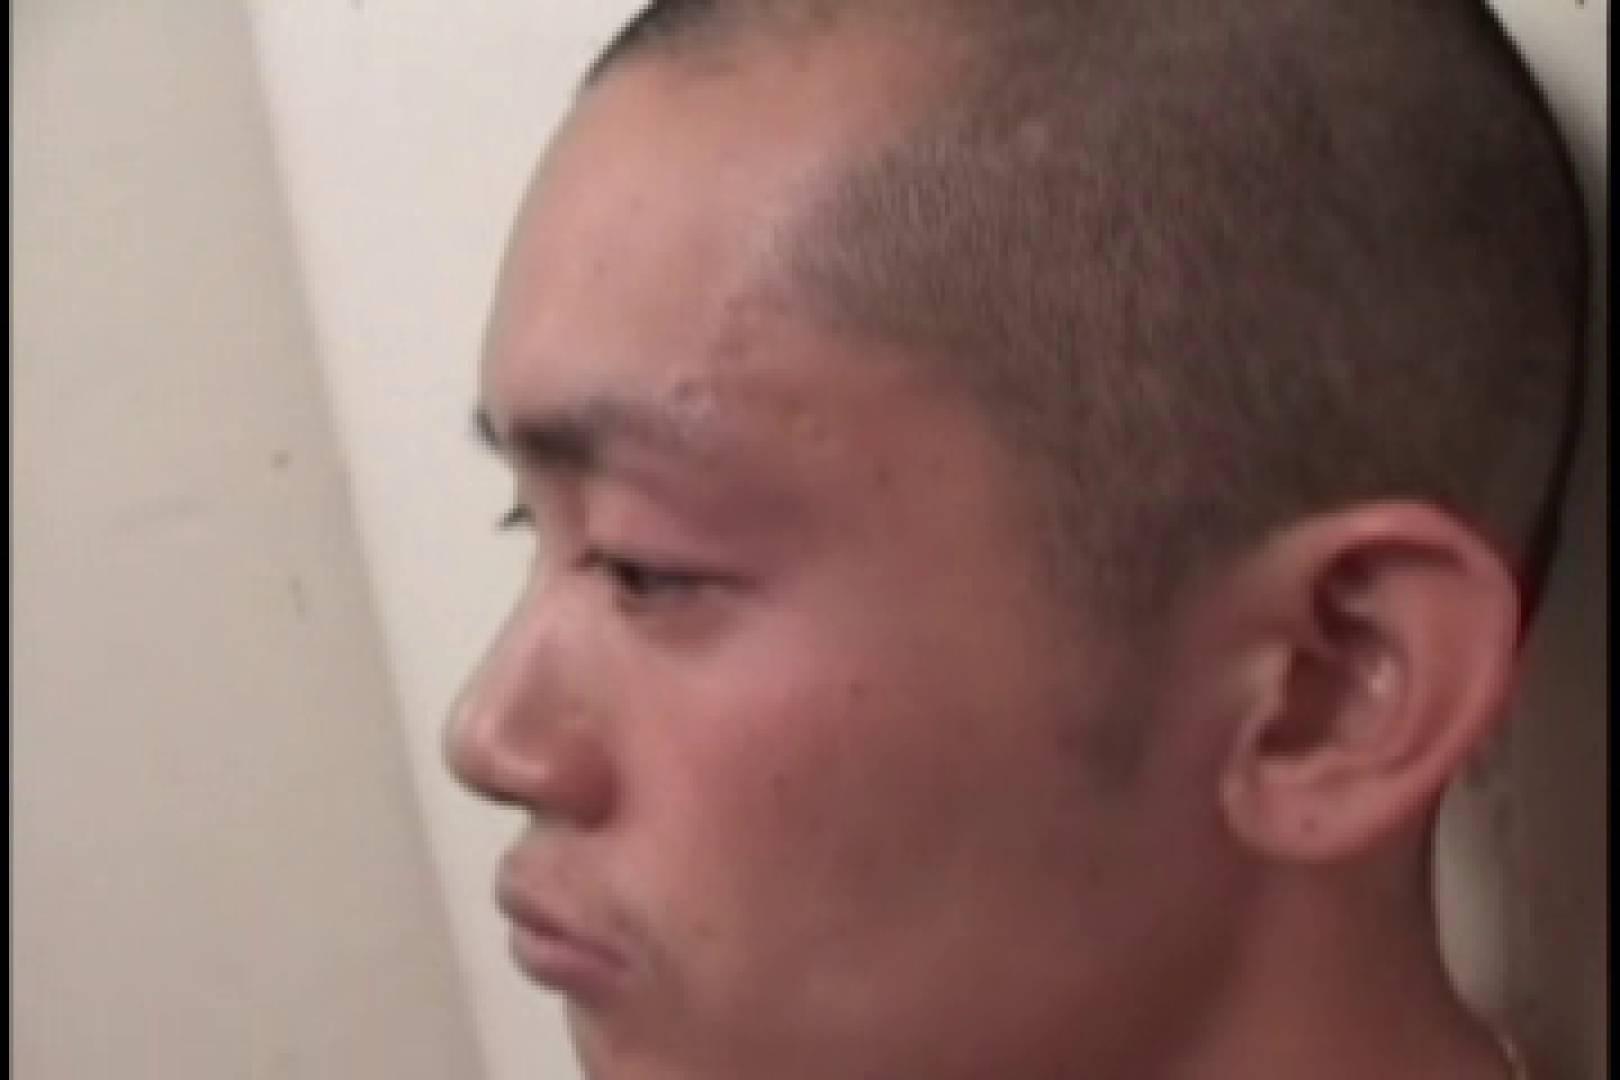 スリ筋!!スポメンのDANKON最高!!take.02 フェラ ゲイ素人エロ画像 90枚 49